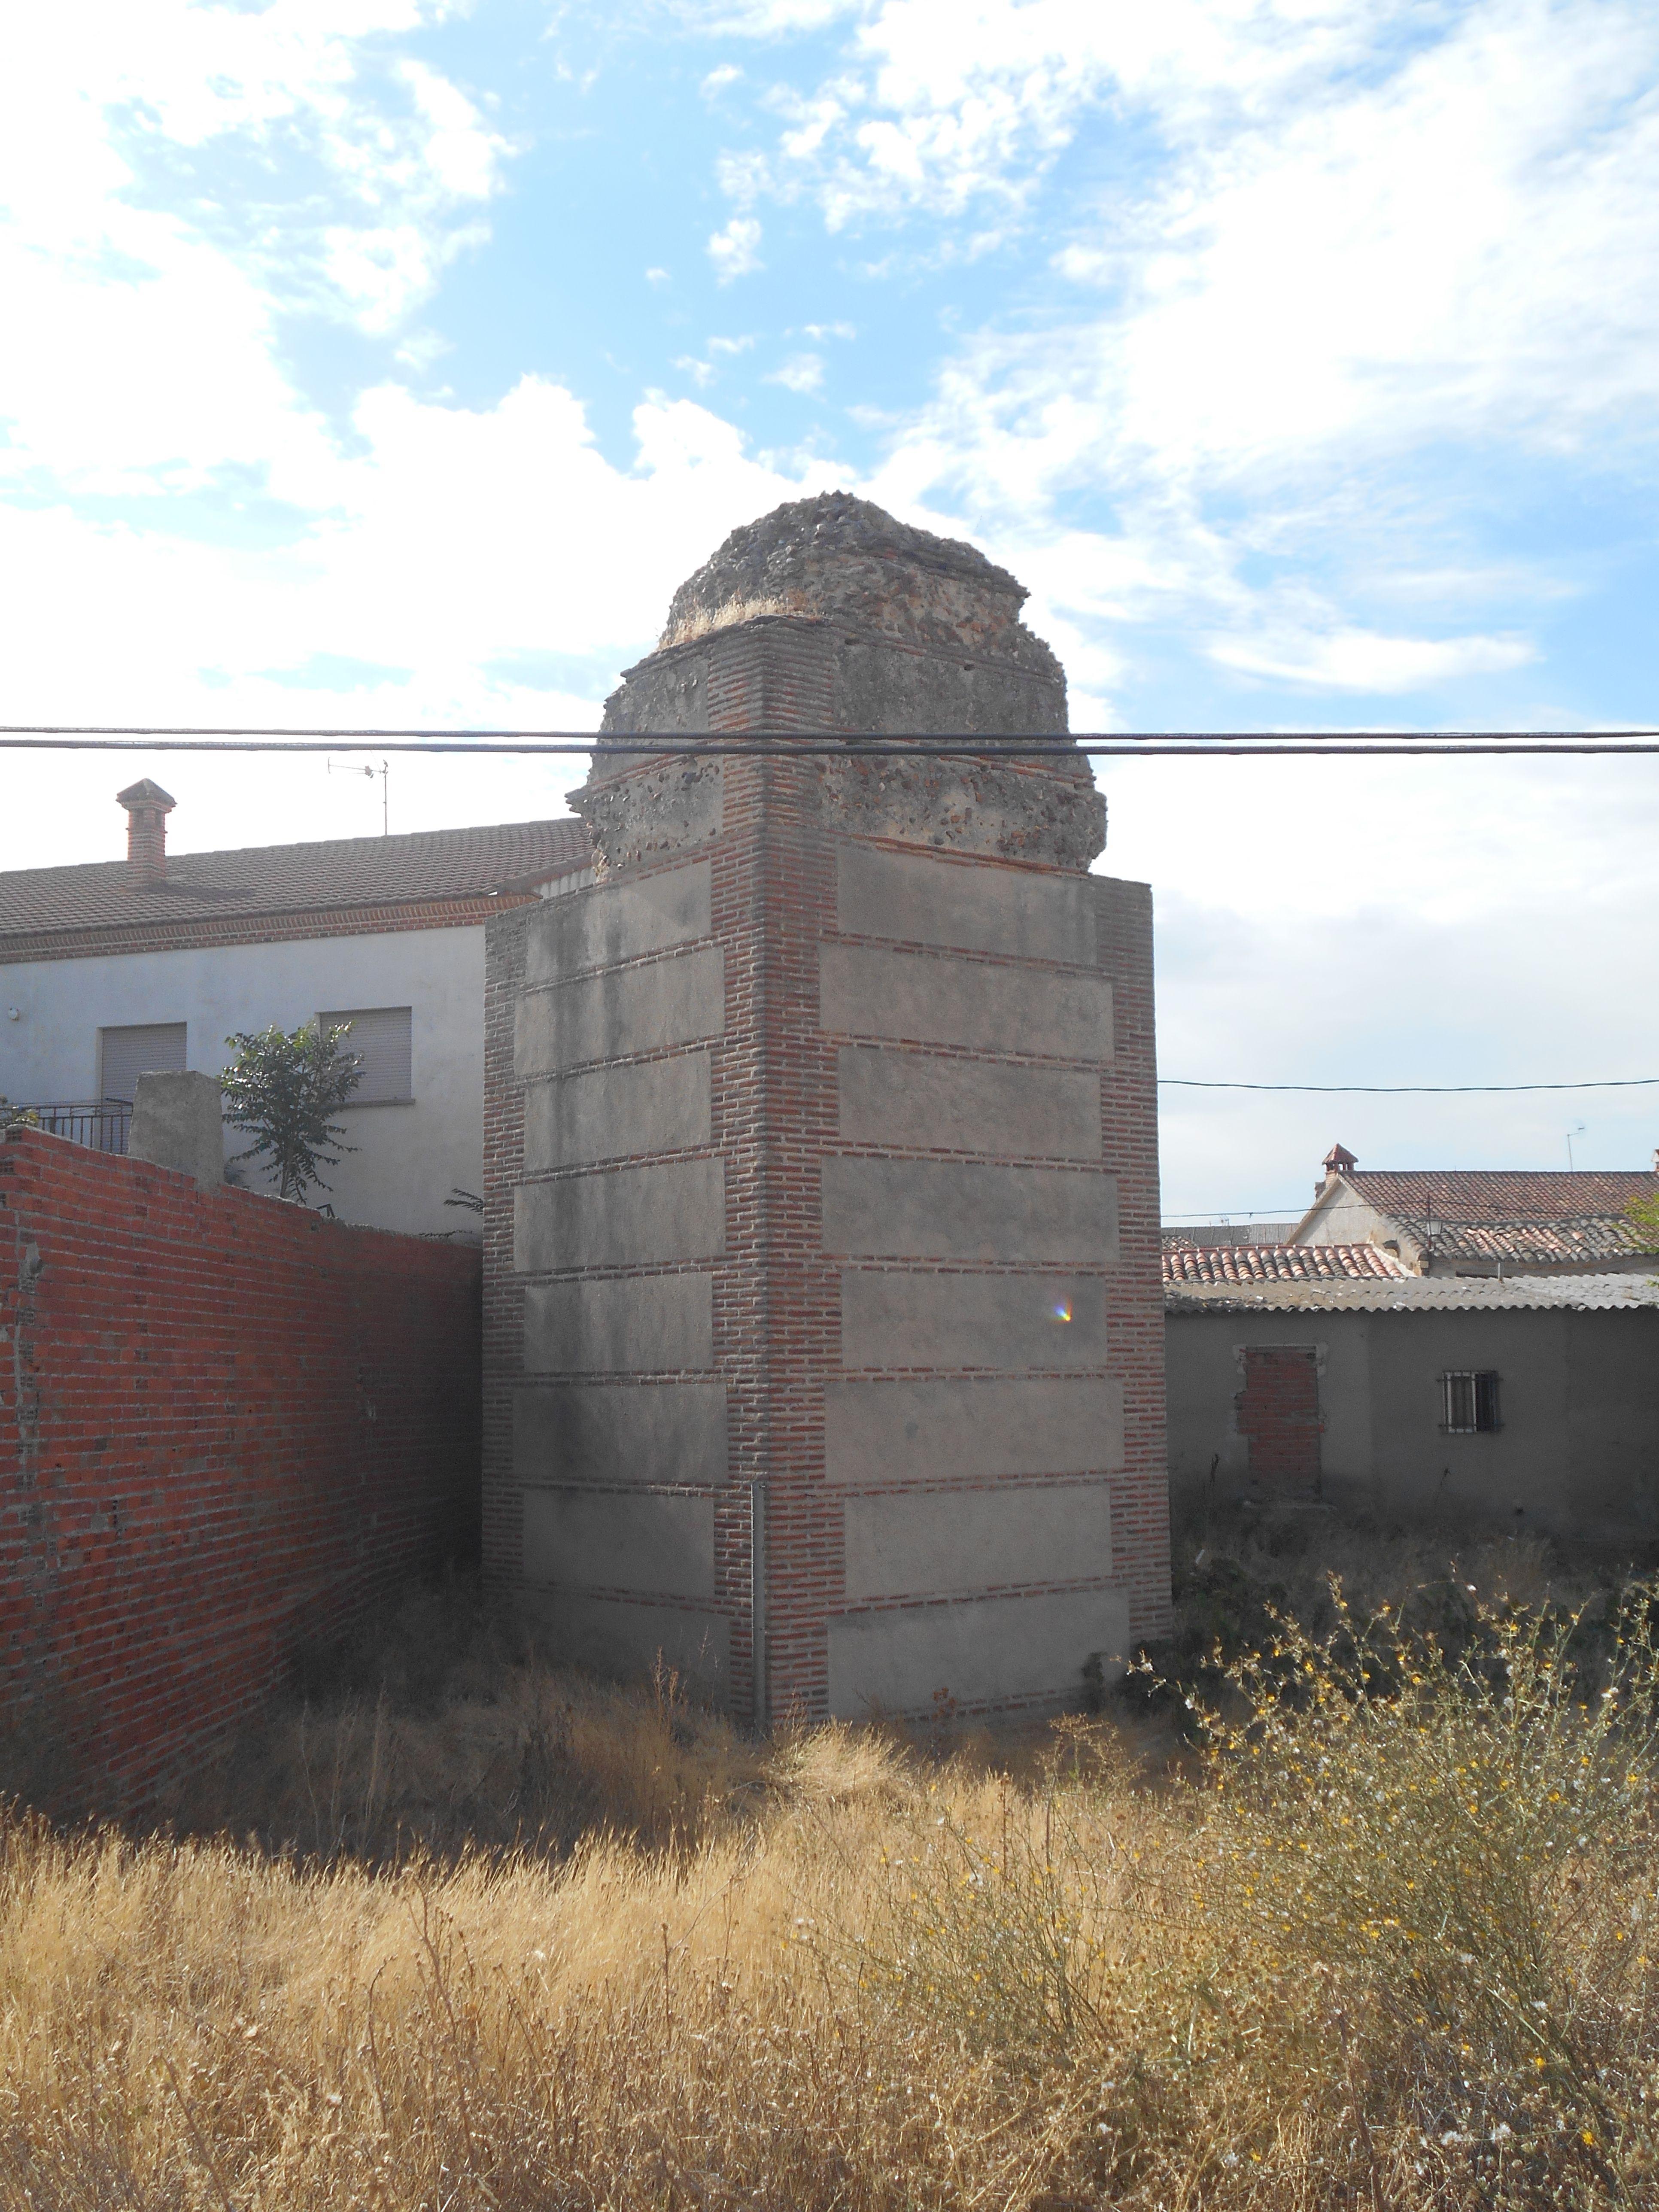 Vista frontal de torre en ruinas entre las Puertas de Medina y Cantalapiedra